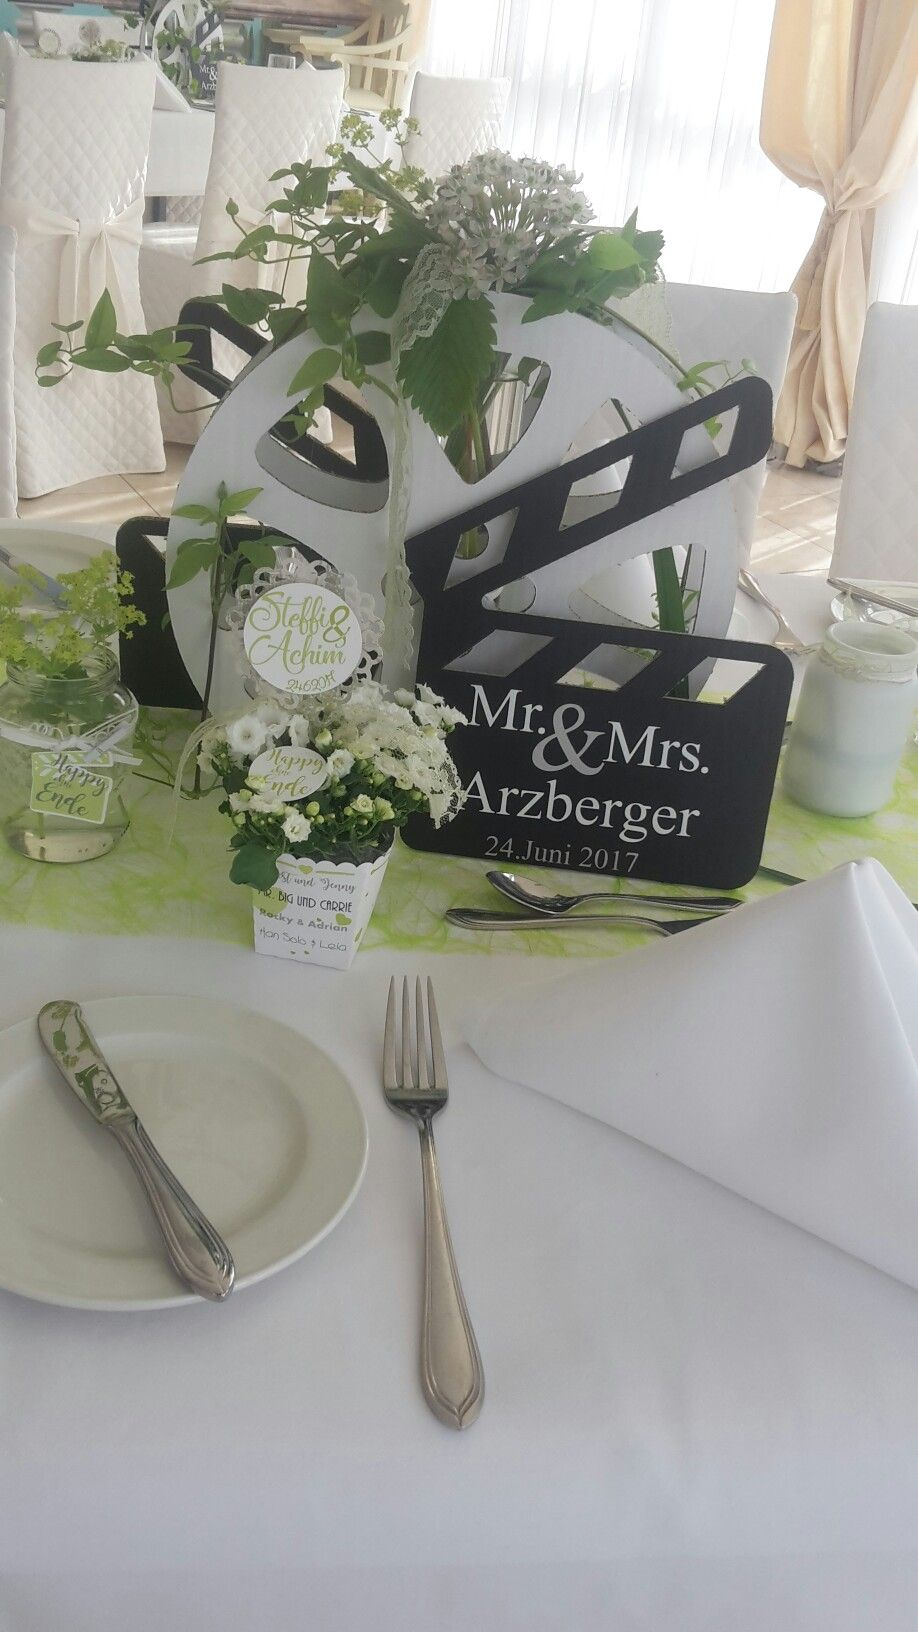 Tischdeko Fur Eine Hochzeit Mit Dem Motto Film Und Fernsehen Hochzeit Motto Film Hochzeit Kino Hochzeit